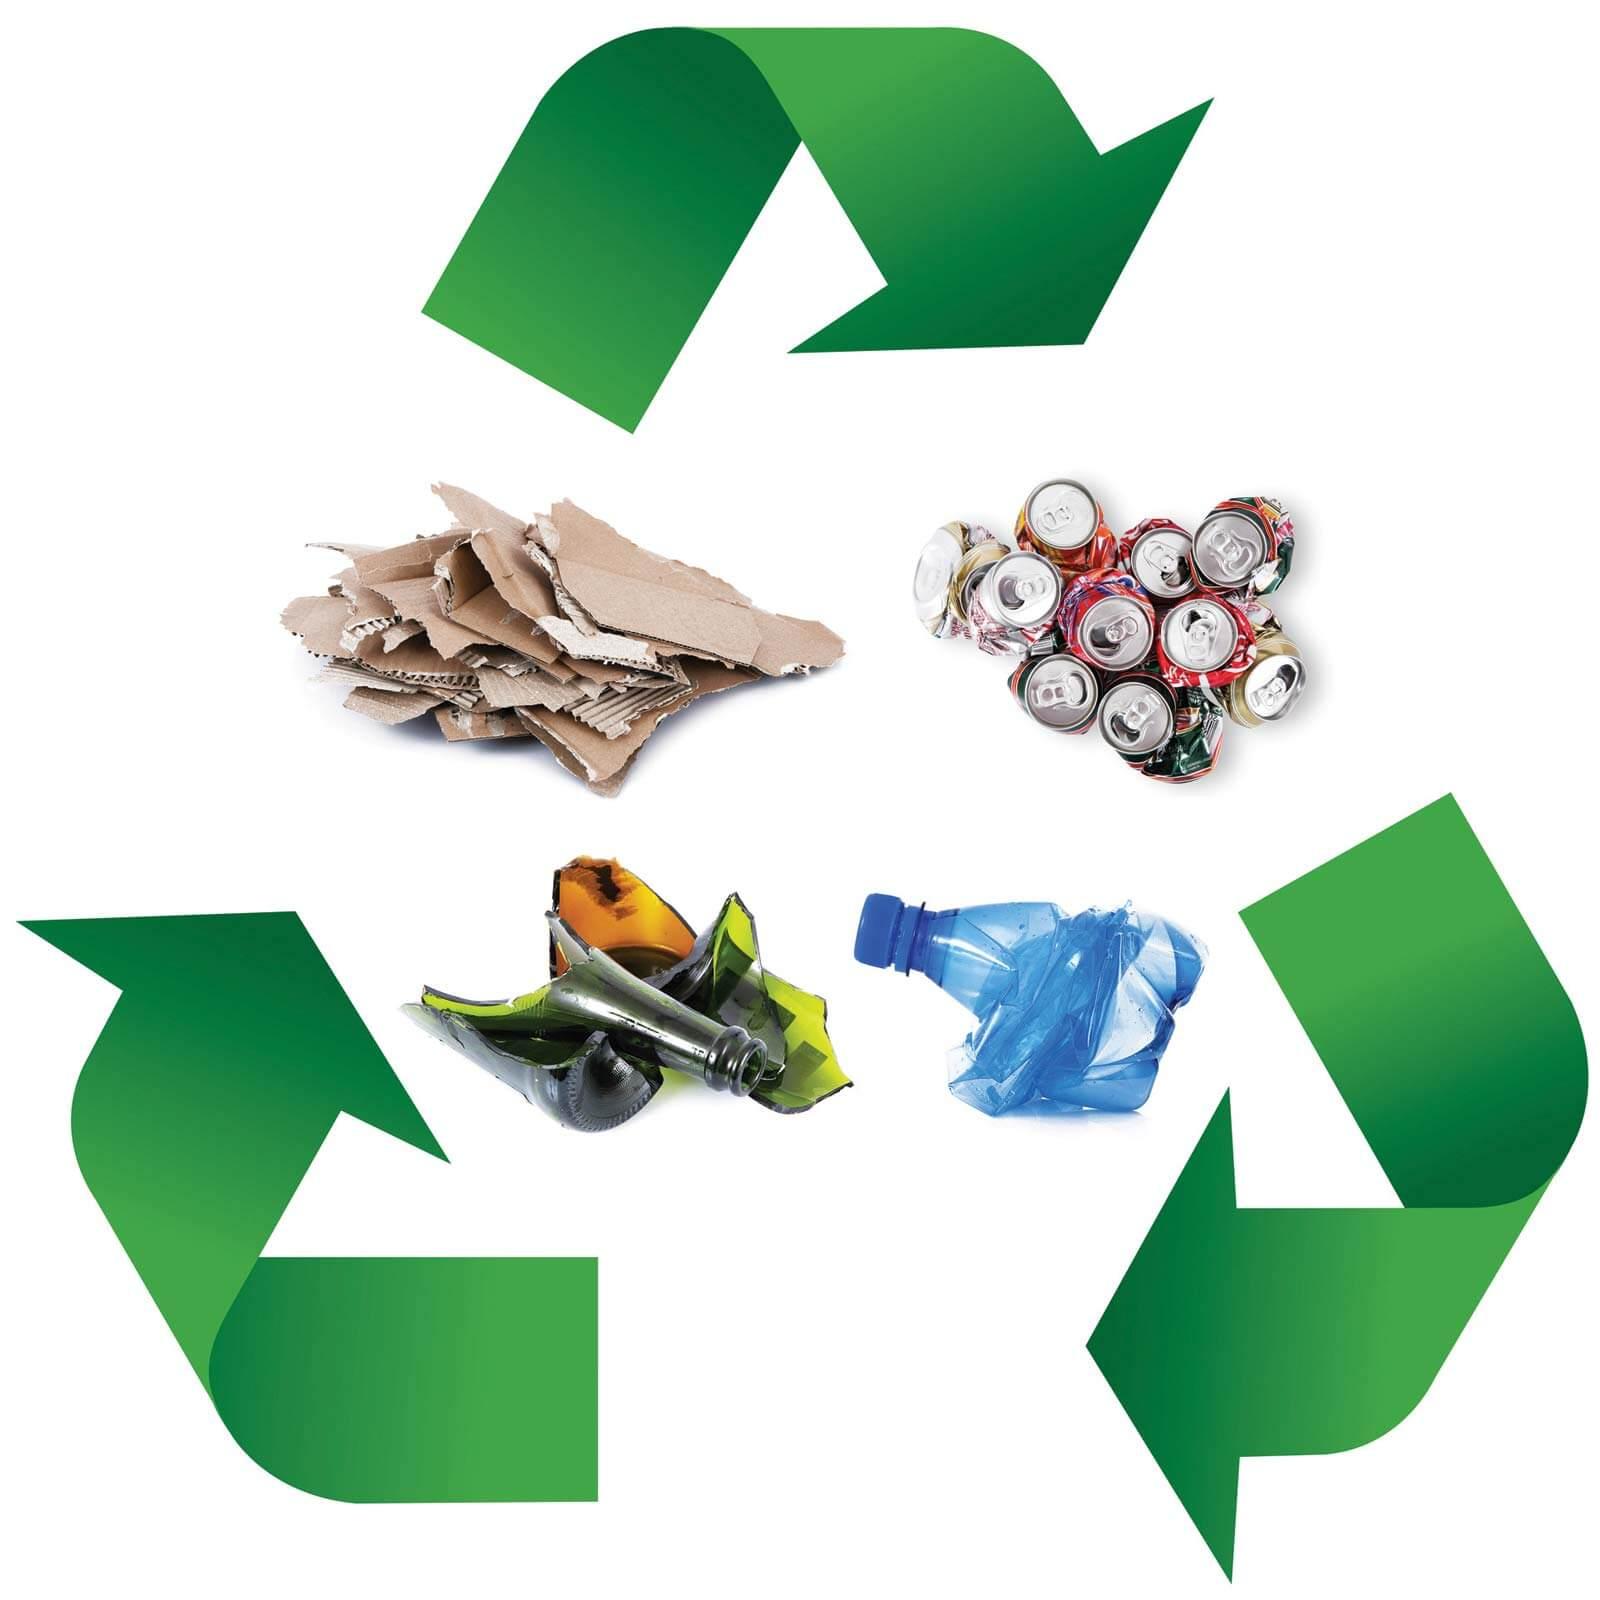 Как выгодно избавиться от отходов?